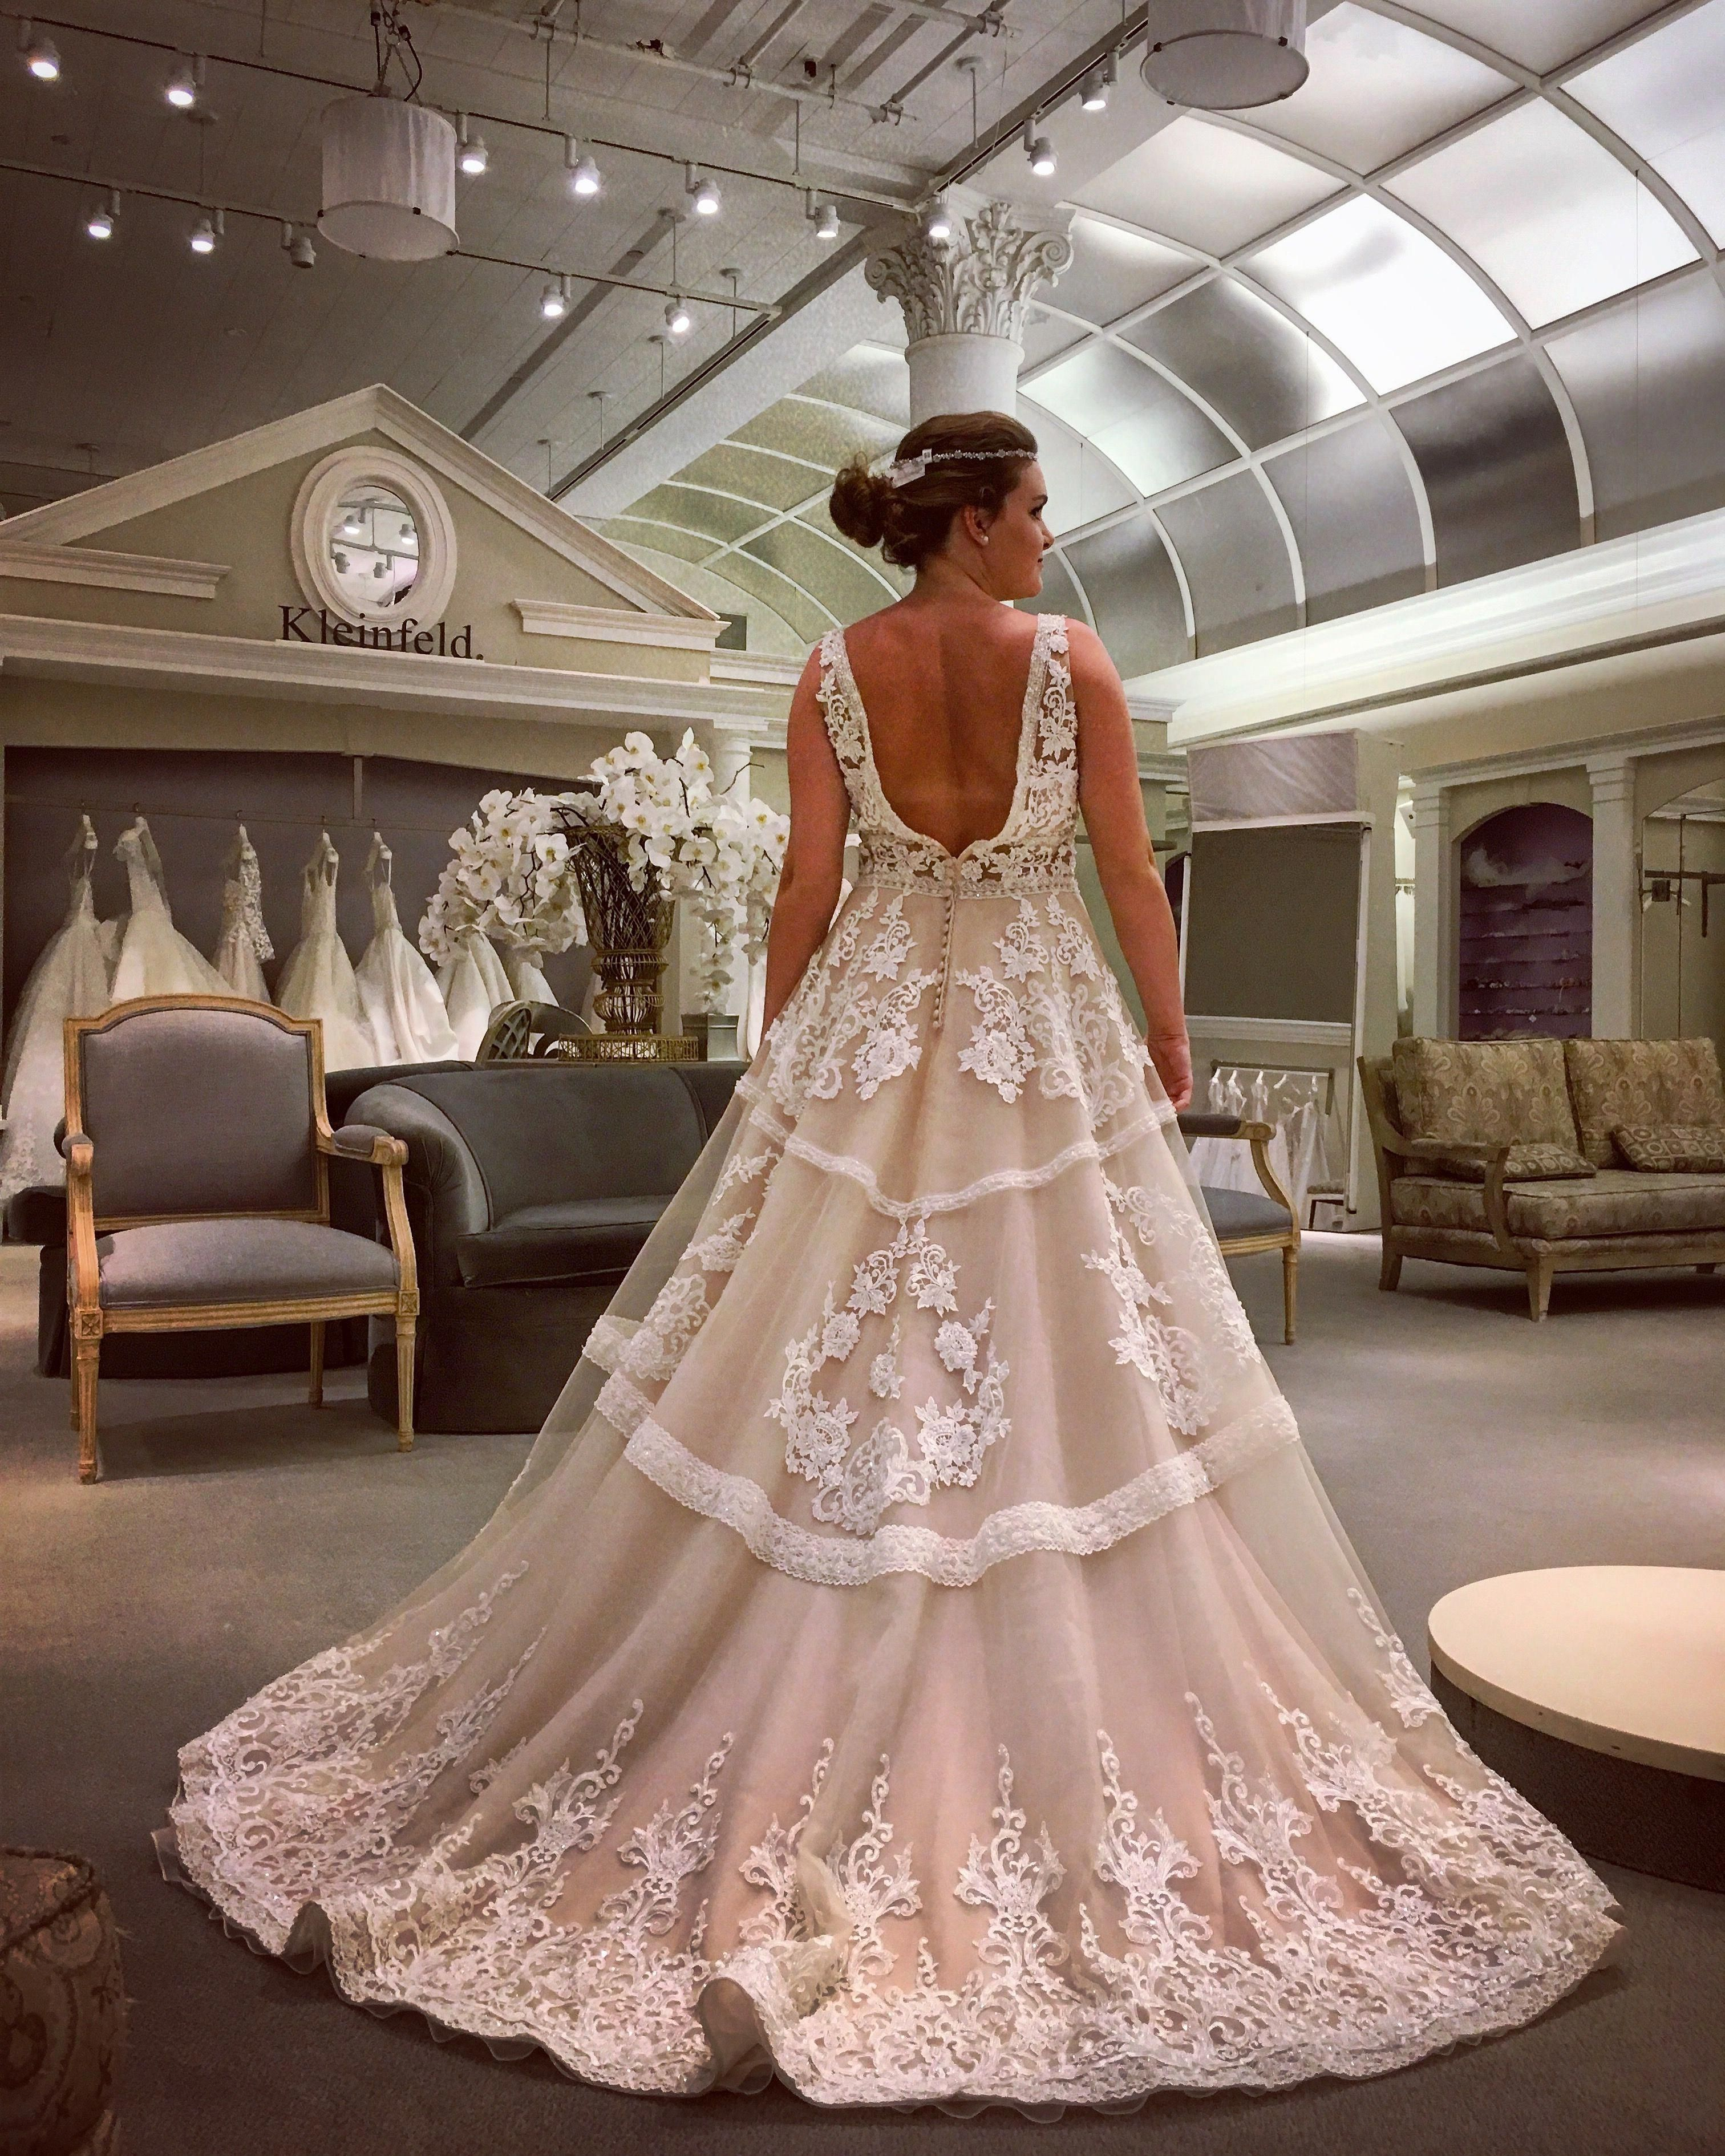 Randy Fenoli 2019 Wedding Dresses: Randy Fenoli Wedding Dress. RUSTIC. Whimsical